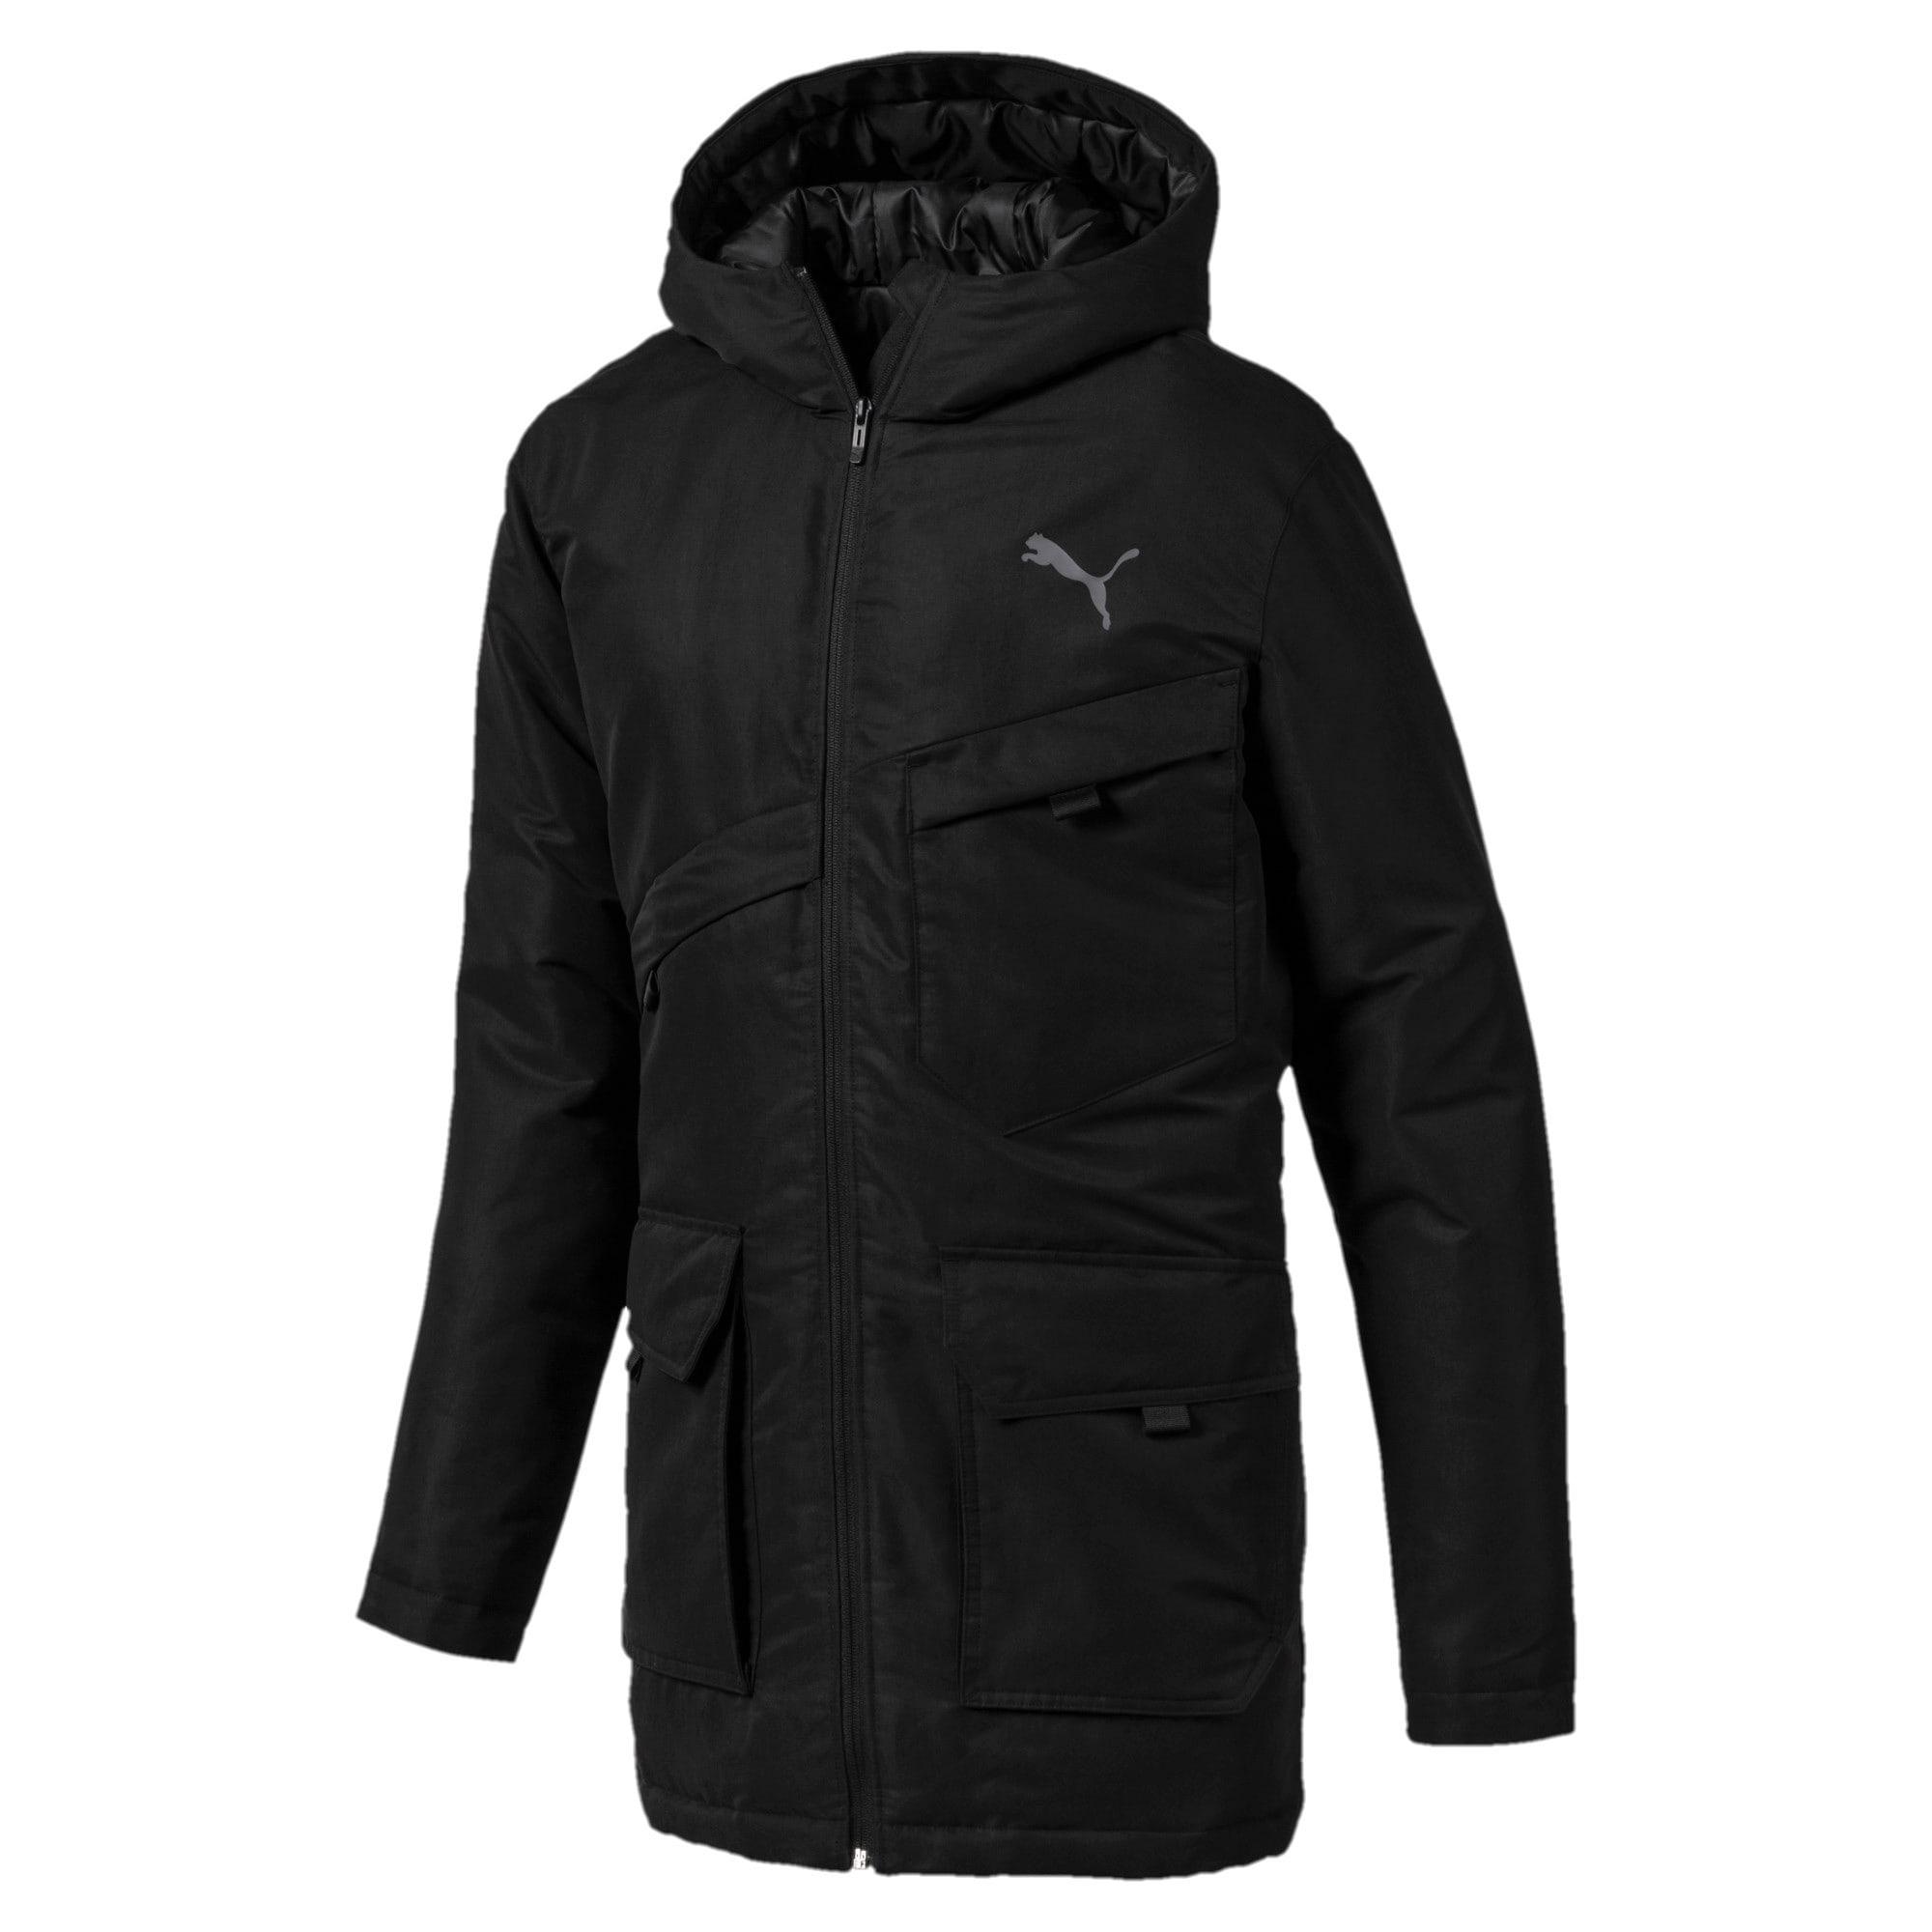 Thumbnail 1 of Essentials Protect Men's Jacket, Puma Black, medium